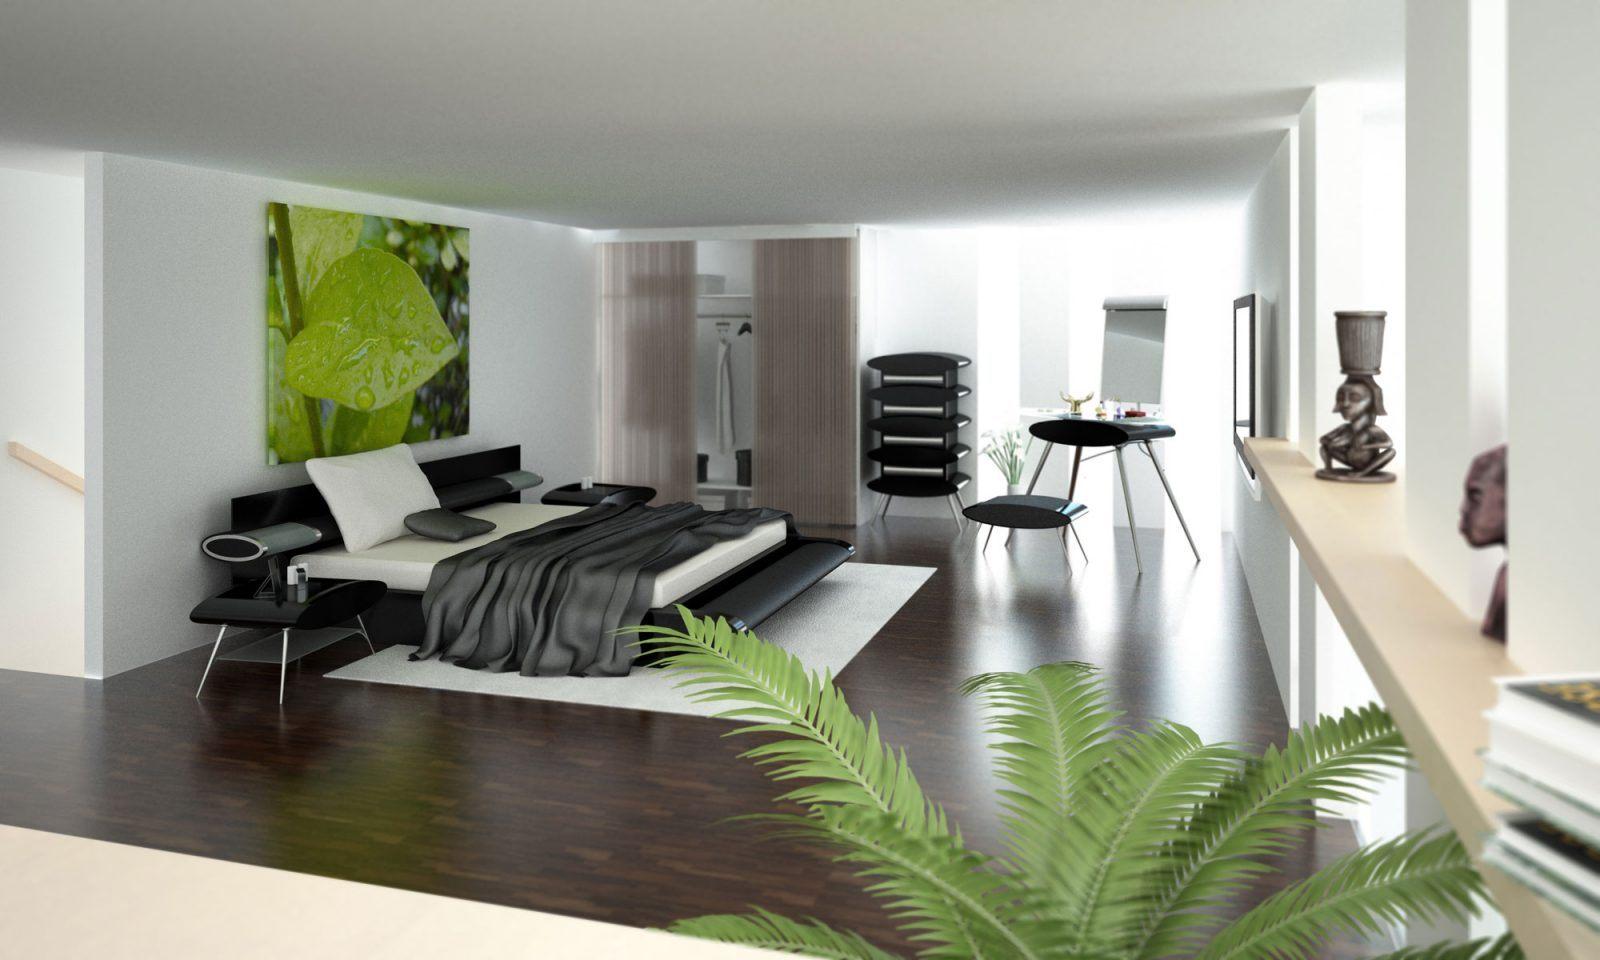 Quartos modernos minimalistas fotos e imagens for Decoracion de recamaras modernas y minimalistas